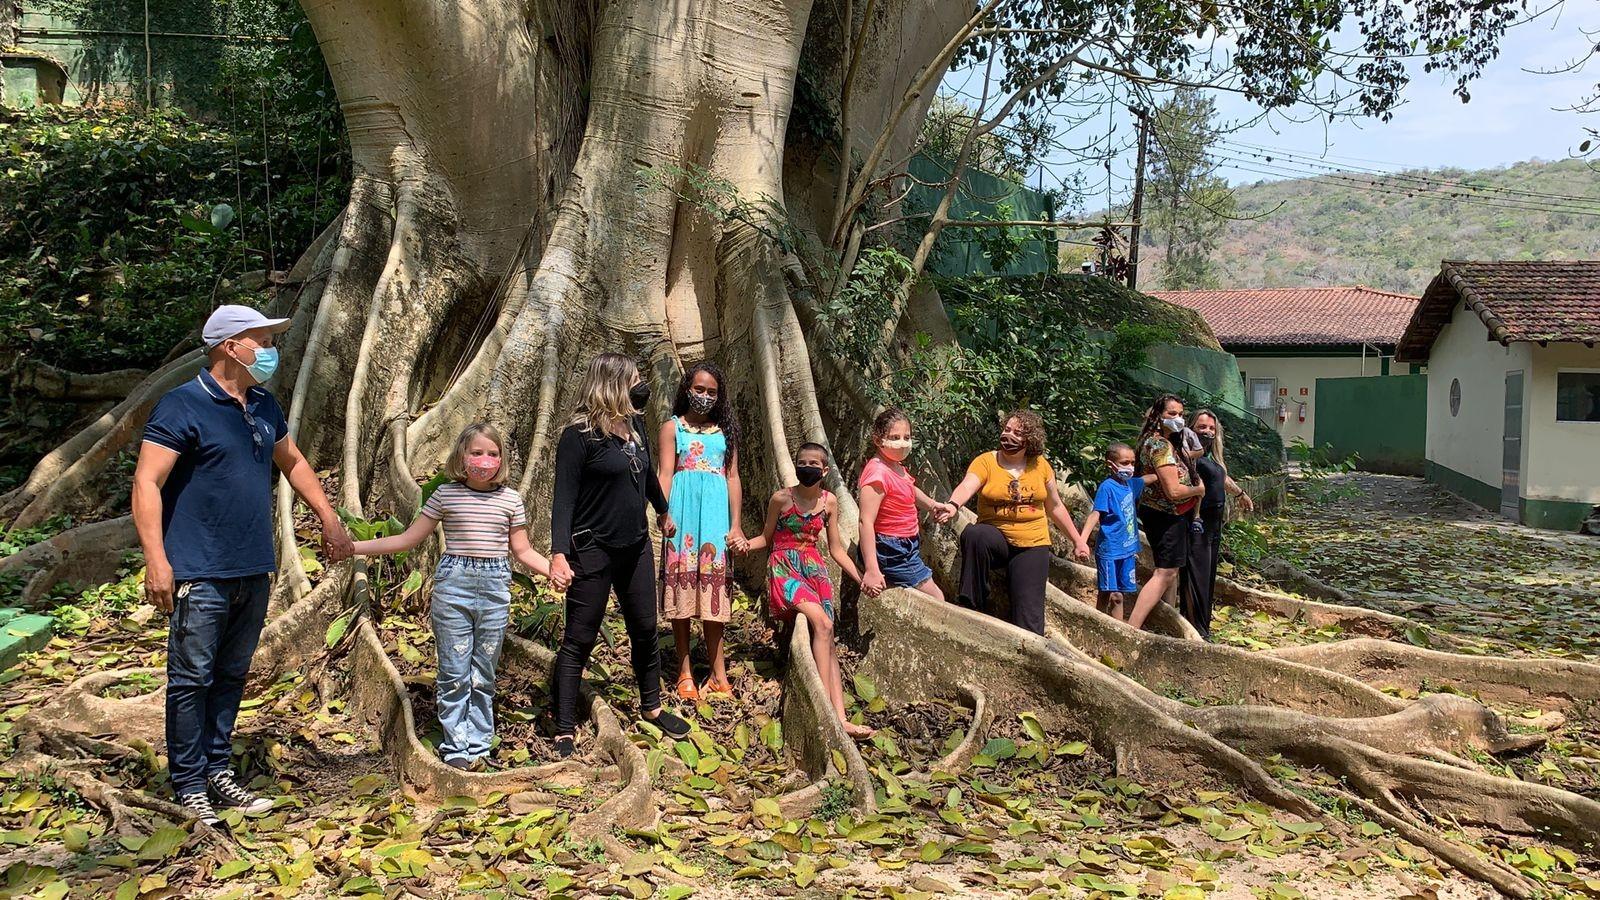 Crianças participam de abraço a figueira bicentenária em Petrópolis, RJ, em ato simbólico pela preservação da natureza